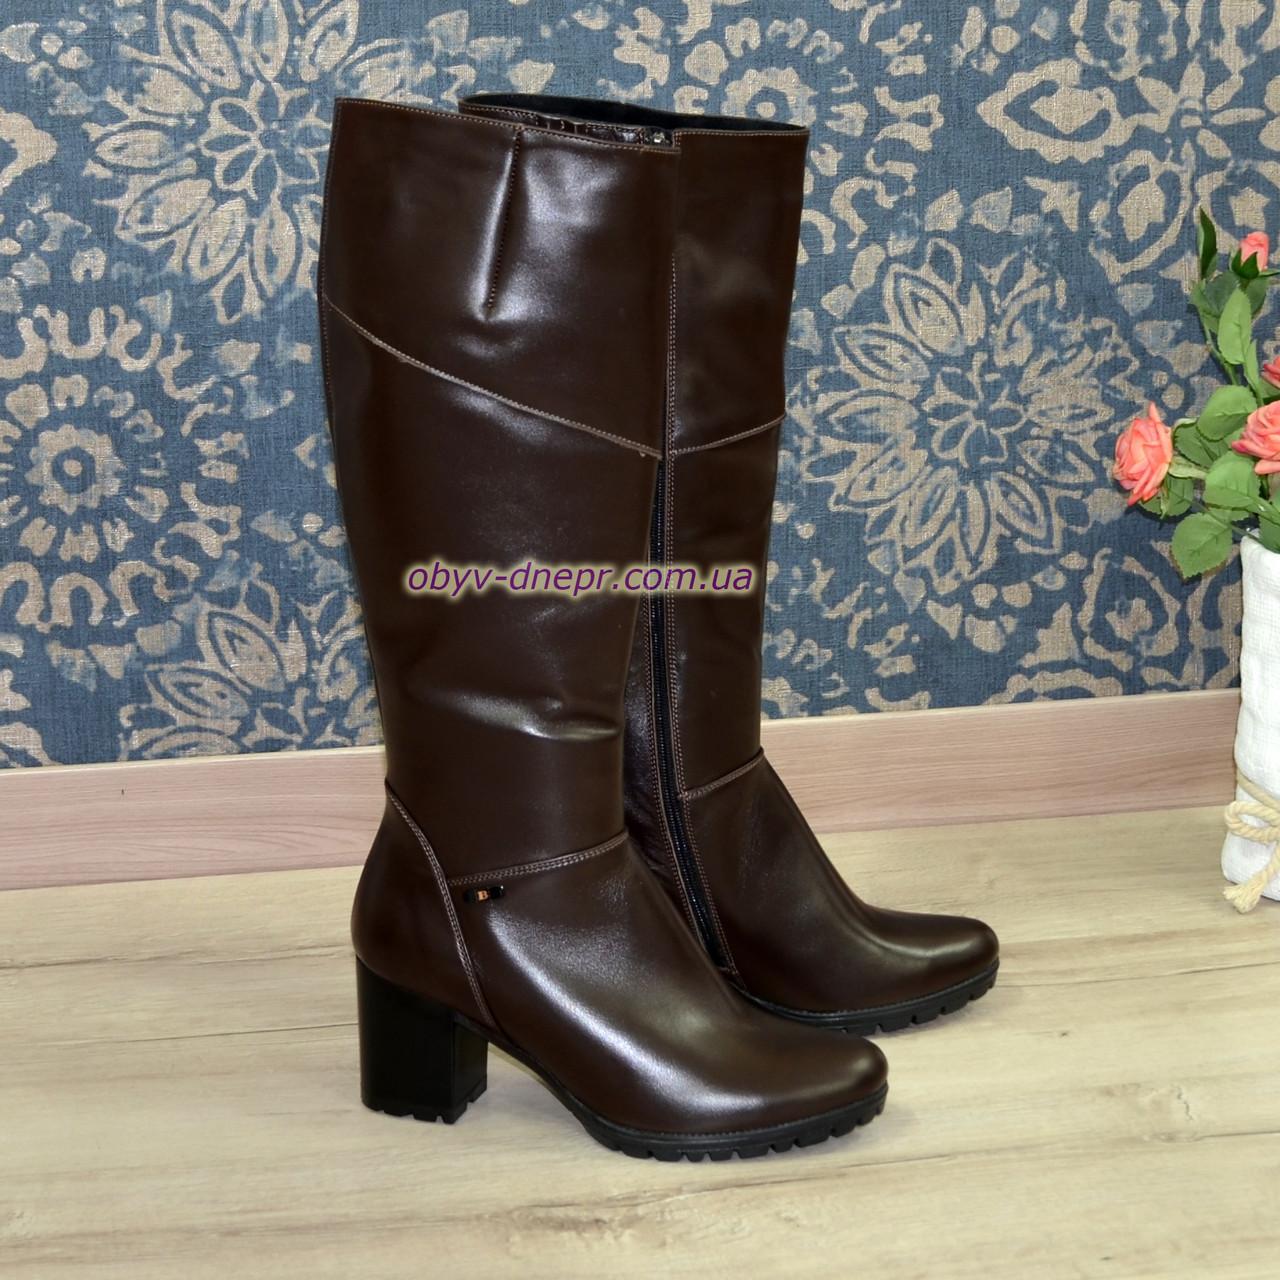 Сапоги женские демисезонные на устойчивом каблуке, натуральная коричневая кожа. 36 размер